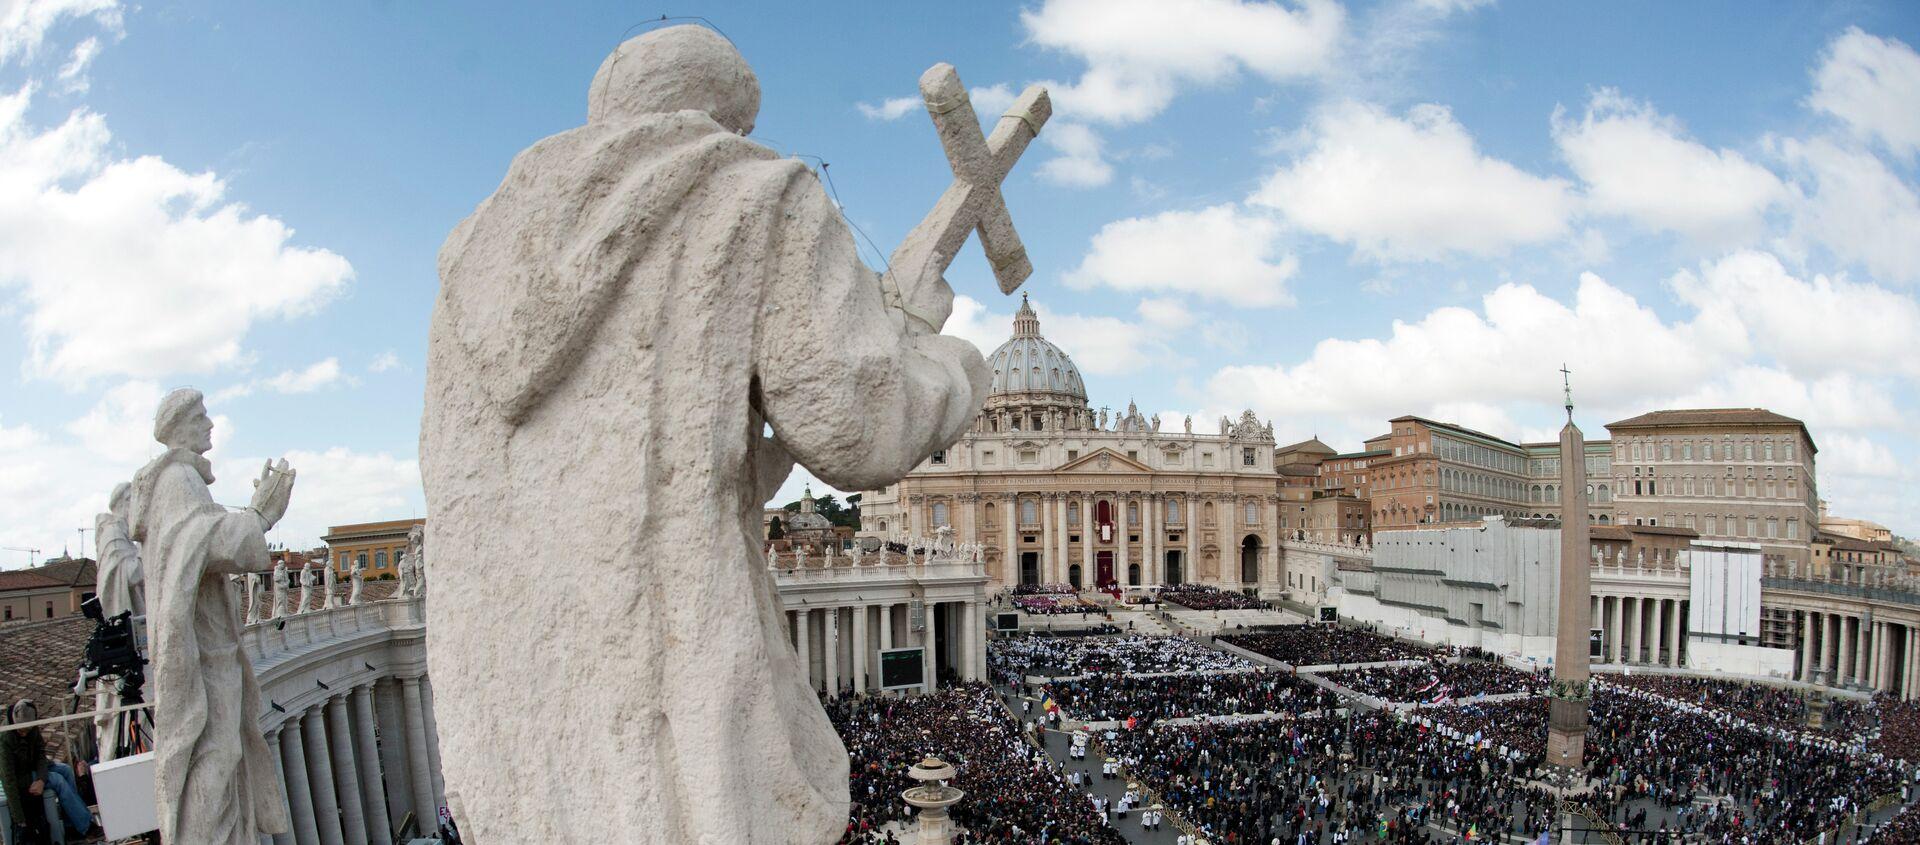 Convocato da papa Francesco sarà il ventinovesimo Giubileo cattolico della storia - Sputnik Italia, 1920, 29.09.2020